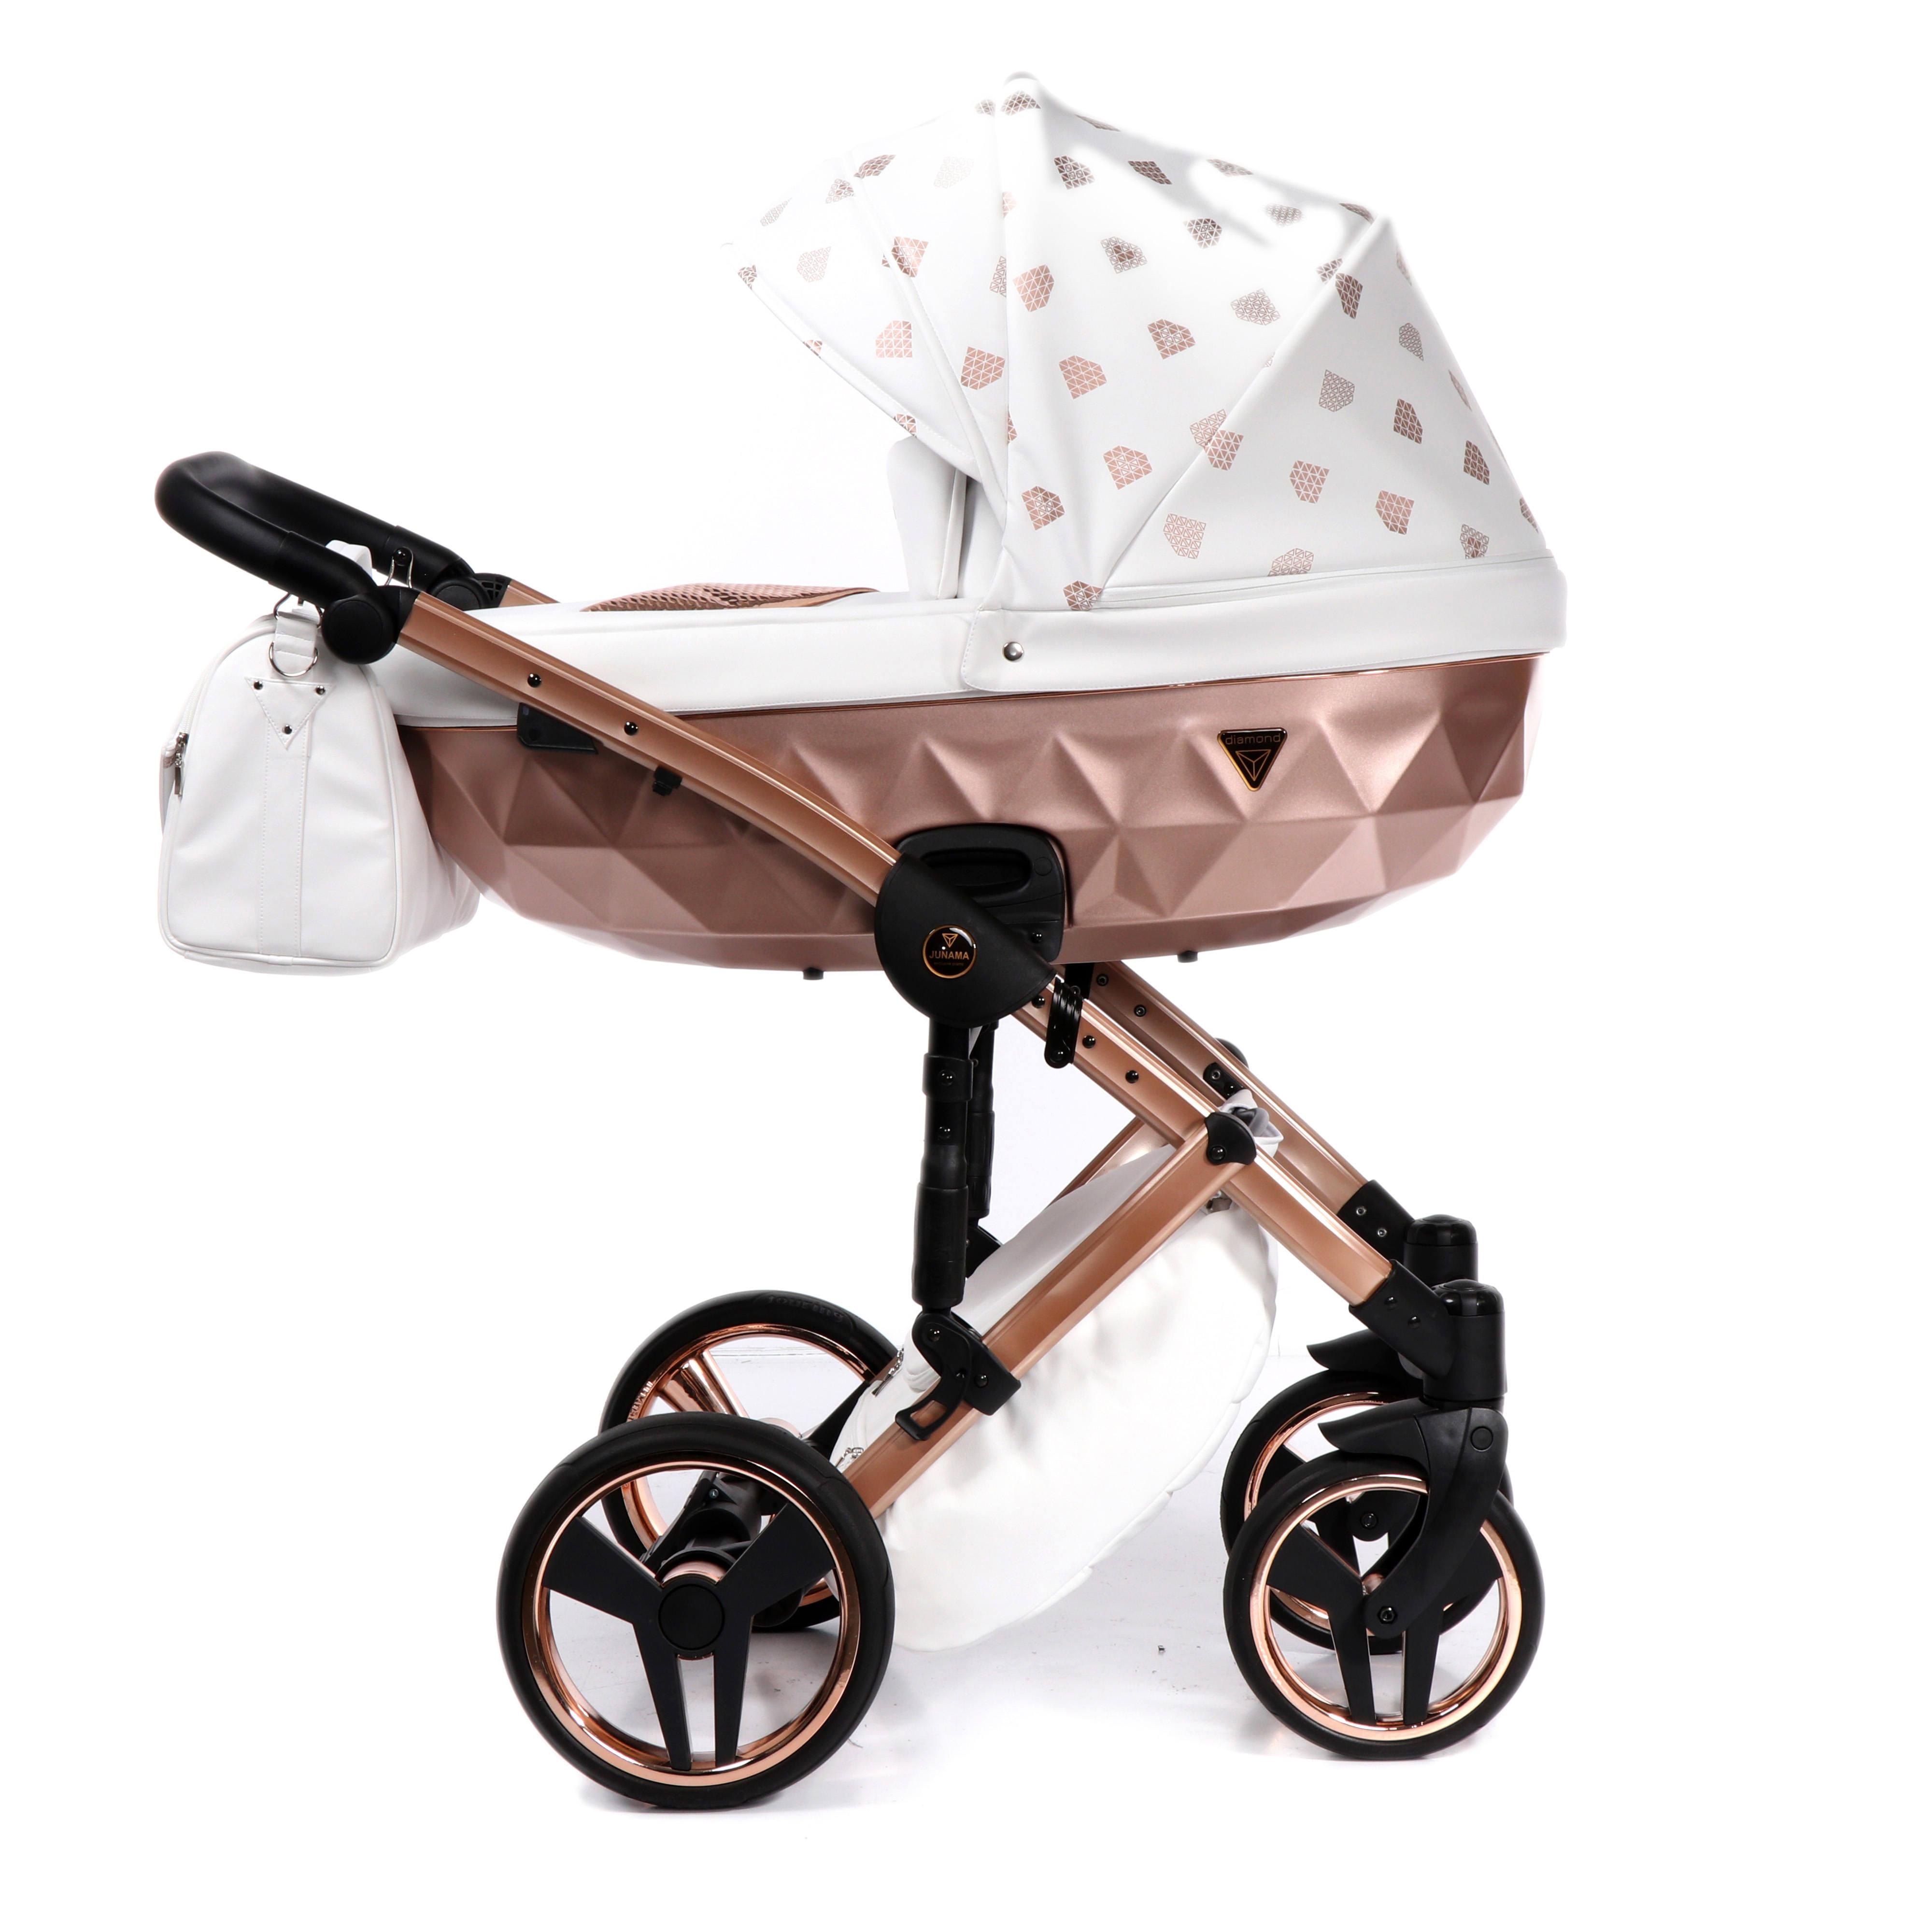 Junama Glow miedziany wózek dziecięcy